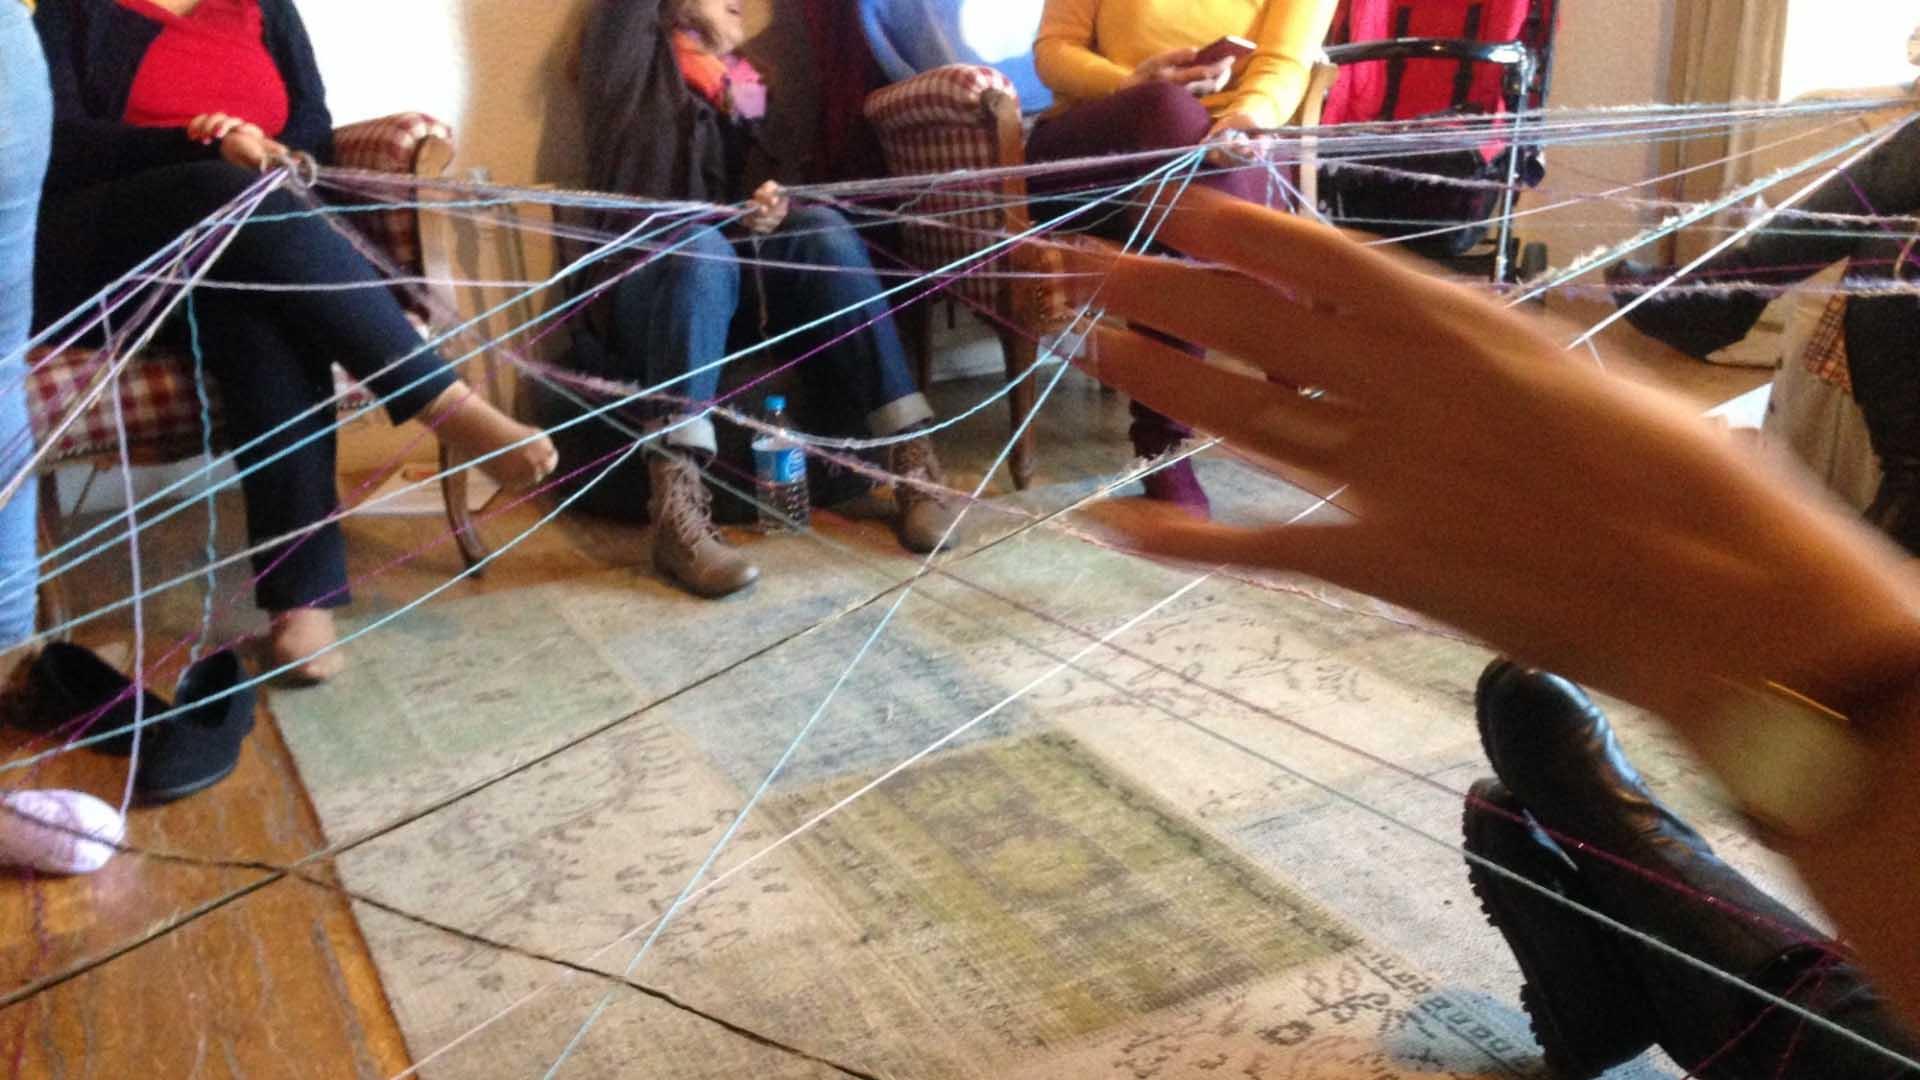 إعادة بناء المجتمع المدني السوري بعد التغيير